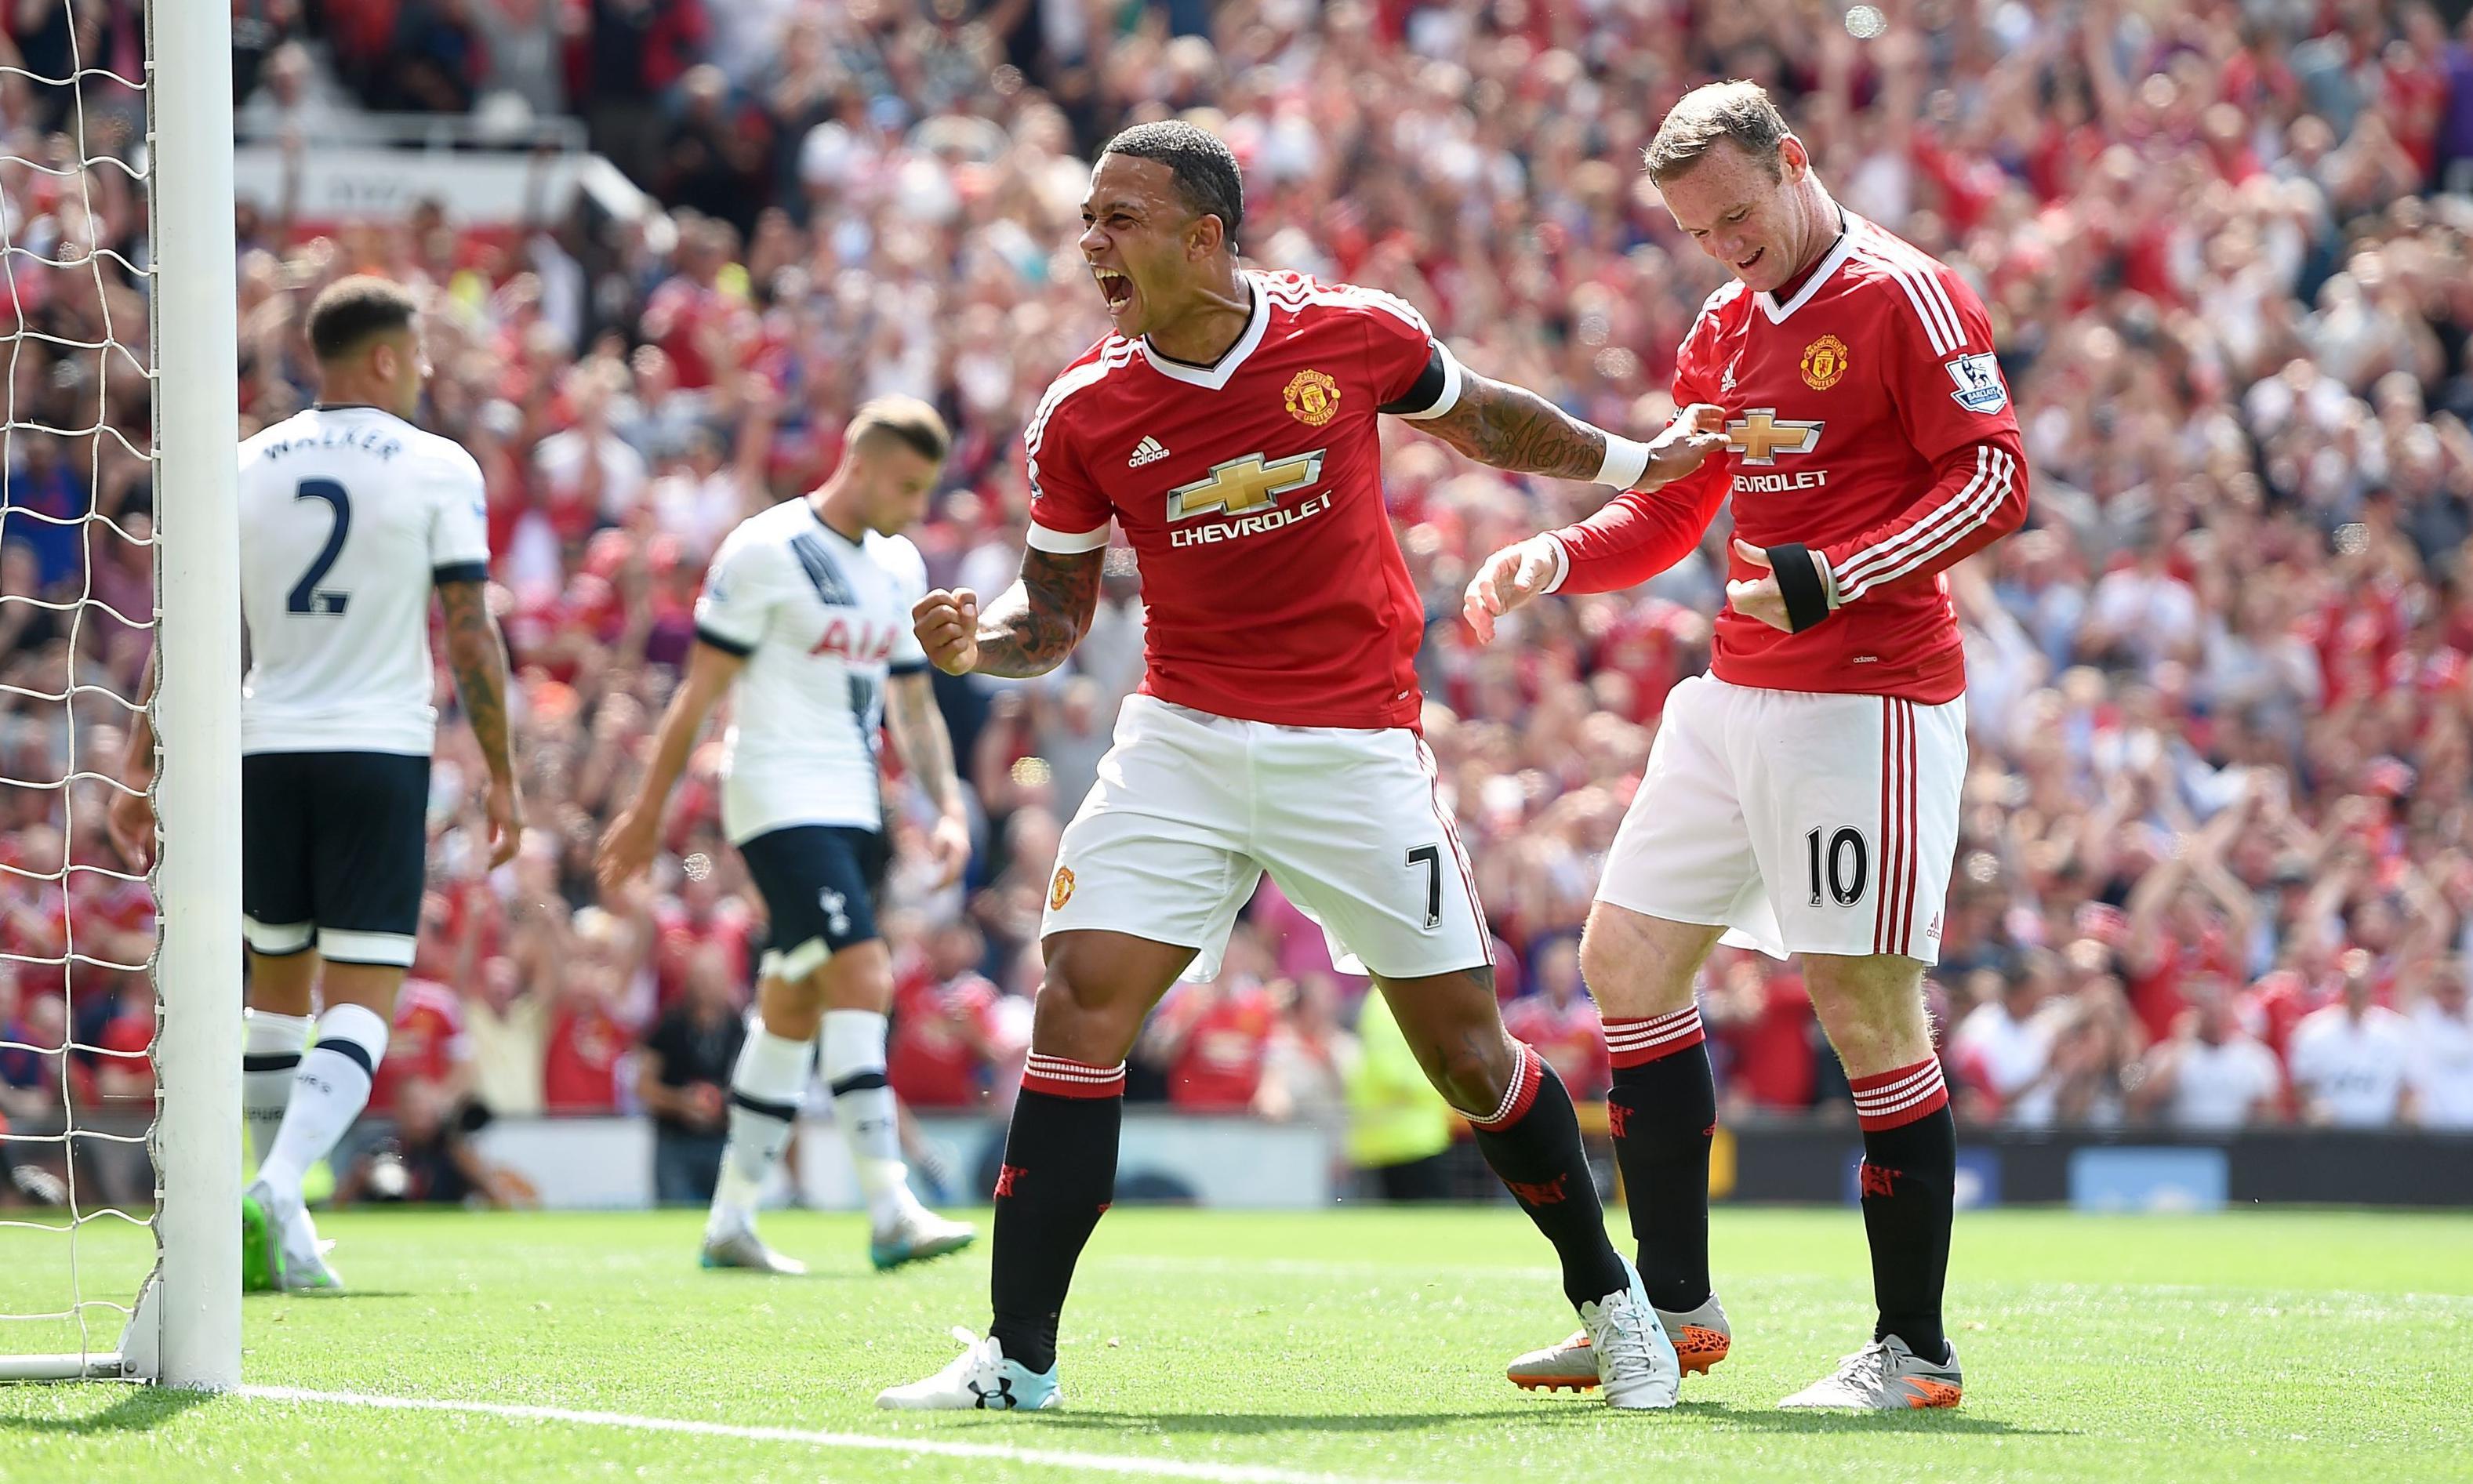 Manchester United 1-0 Tottenham: Premier League match report